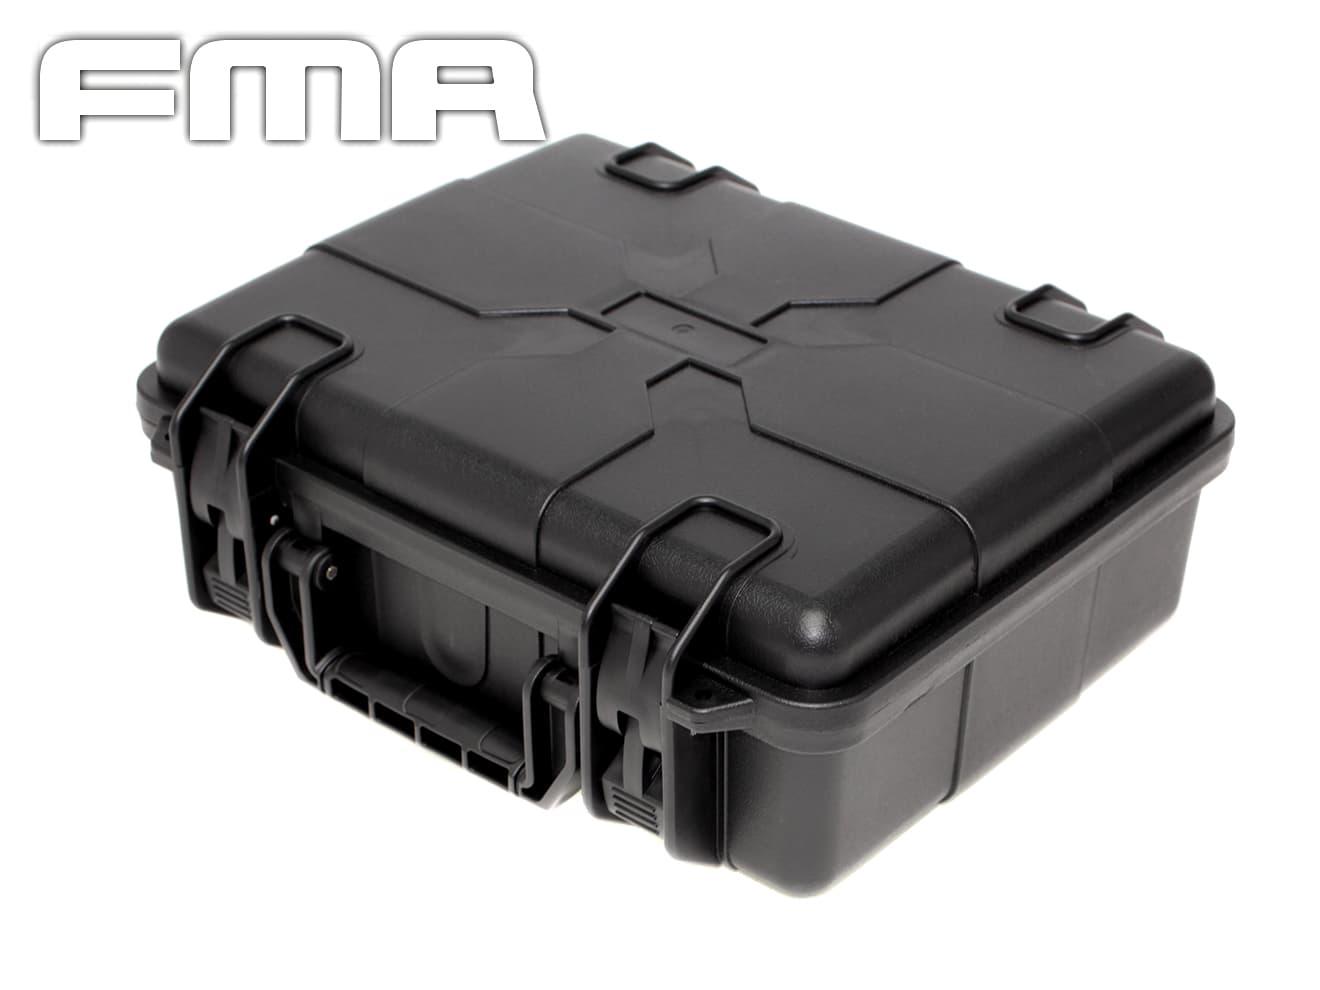 FMA ハンドガンケース ピストルケース ガンケース ガンバッグ ハードケース ガスガン サバゲー M1911A1 ☆送料無料☆ 当日発送可能 M9A1 HK45 MP9 G17 装備 売買 G18C Hi-CAPA5.1 ハンドガン G22 G34 サバゲー用品 M9 XDM タクティカルハードケース 運搬 保管に 小型~中型ピストル